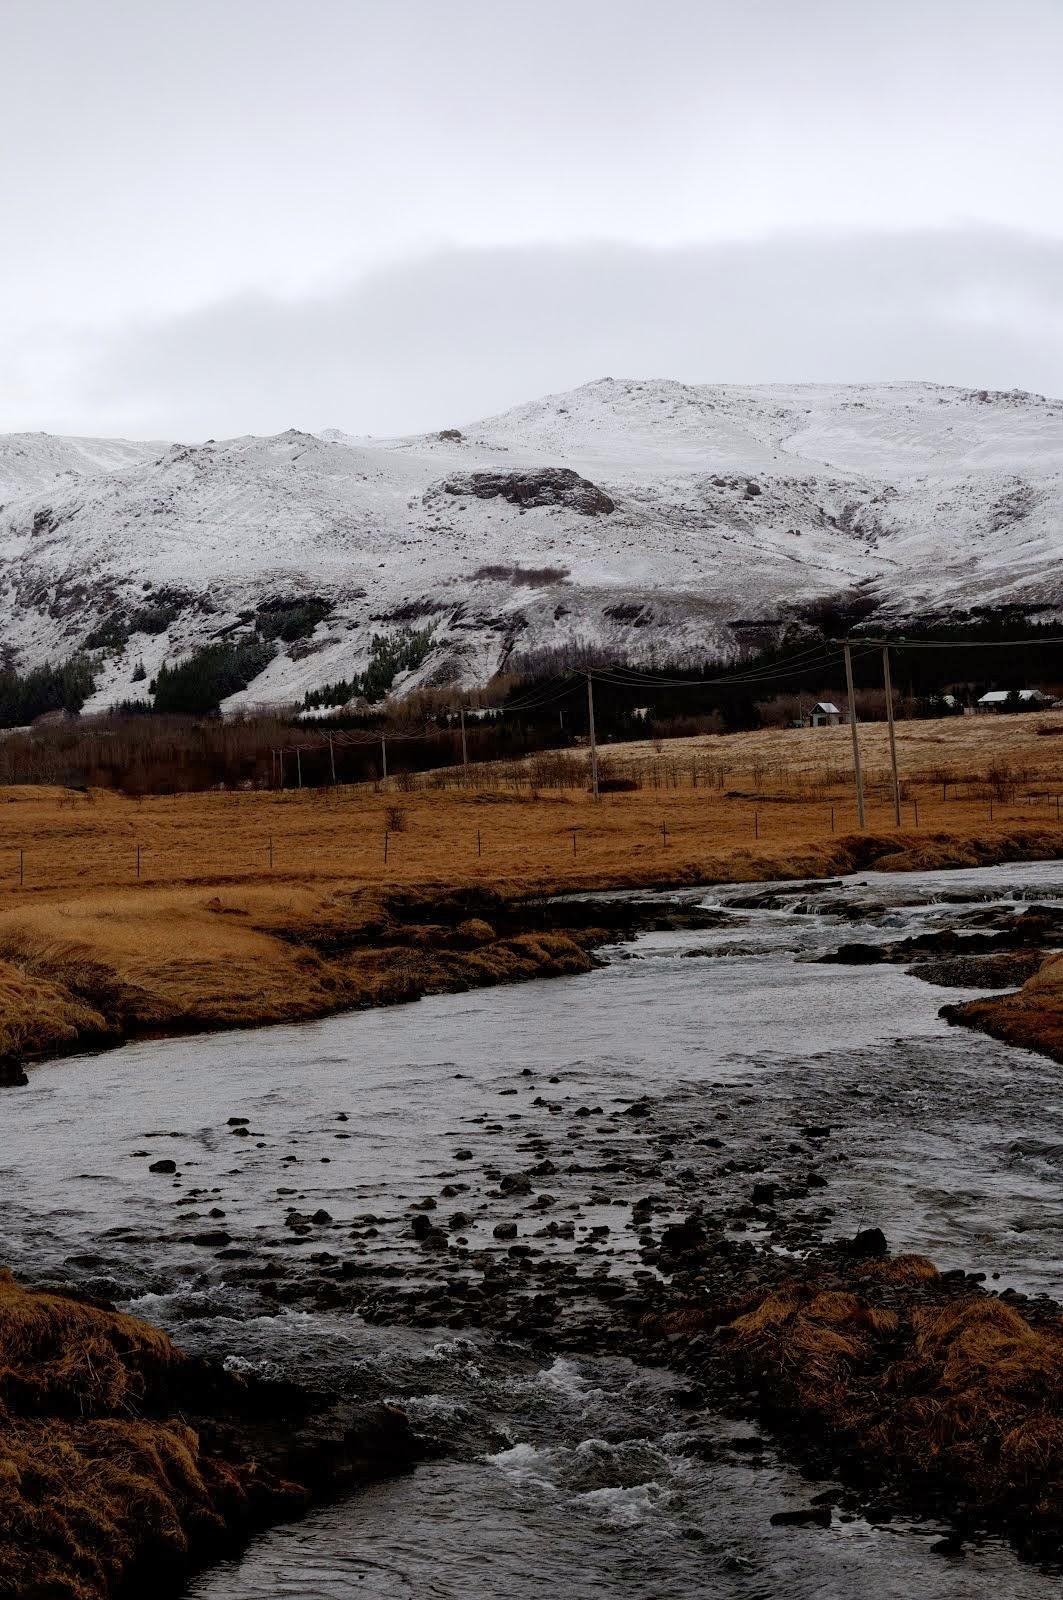 IJsland Gletsjer beek.